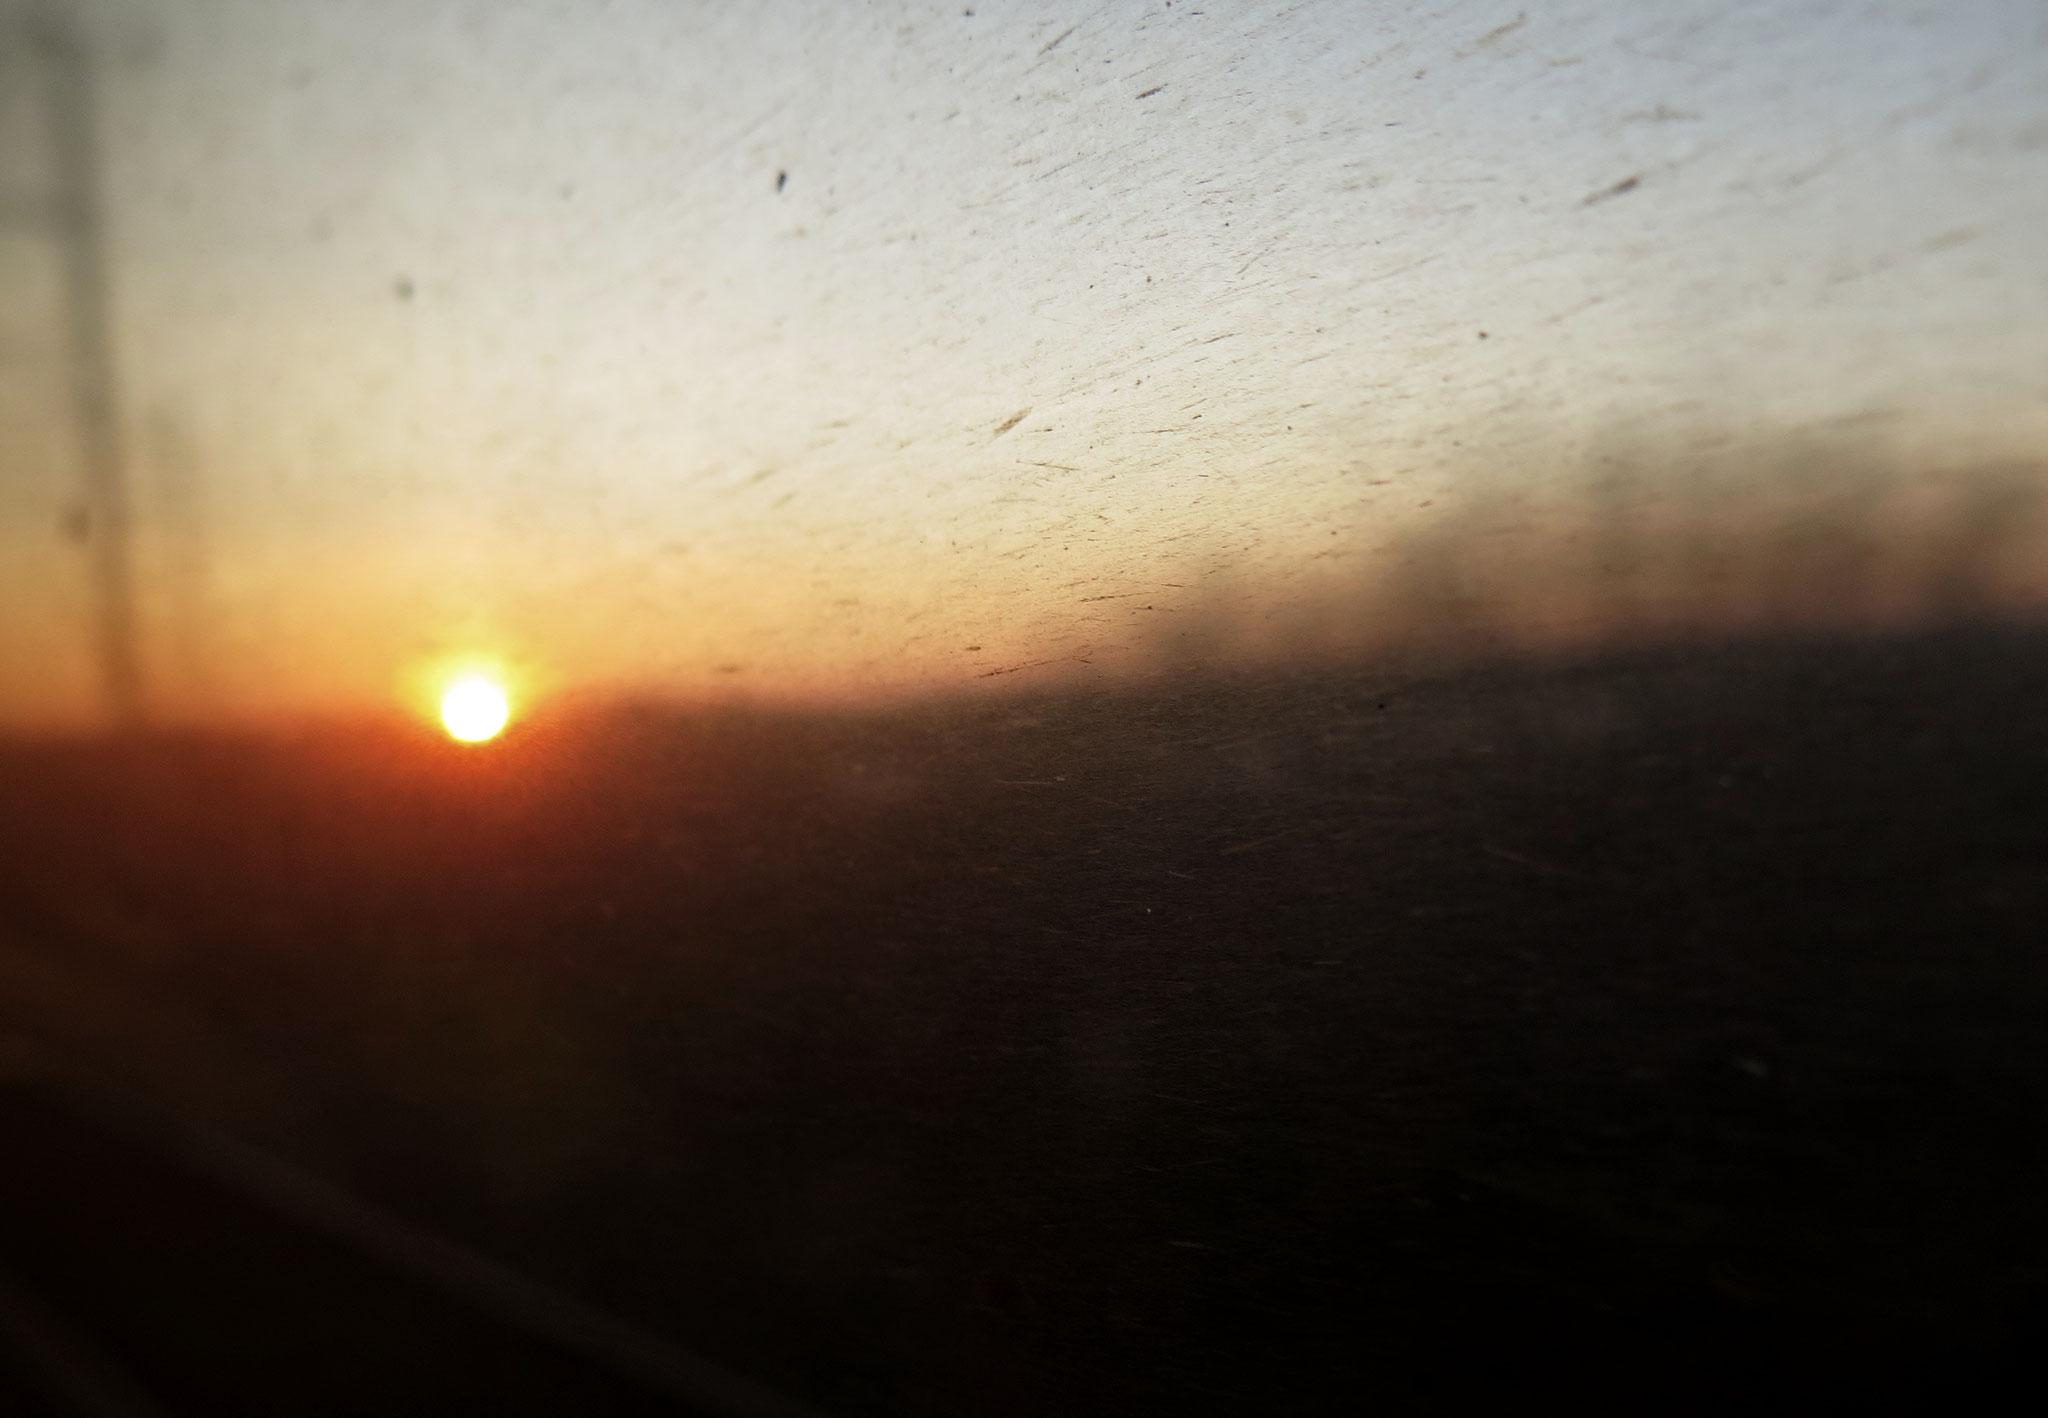 Bild 03 - im TGV fast am Ziel